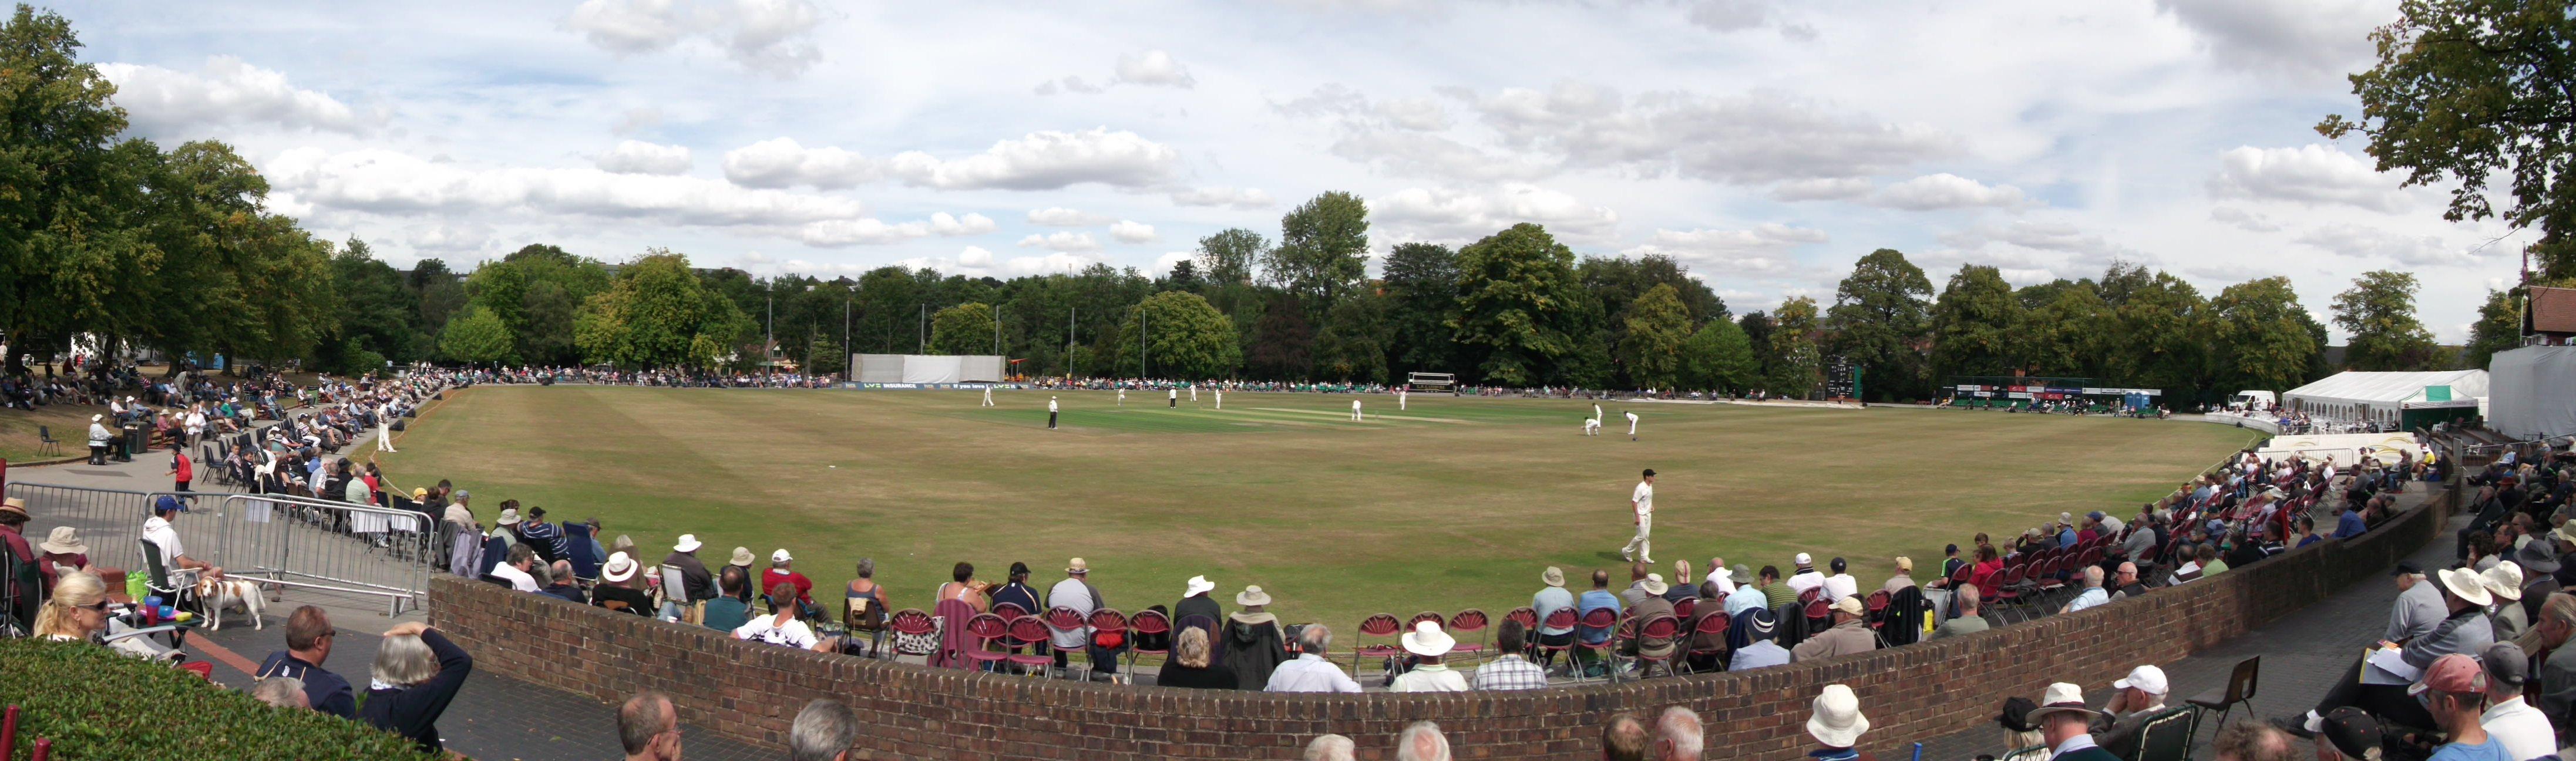 Image result for Derbyshire vs Northamptonshire